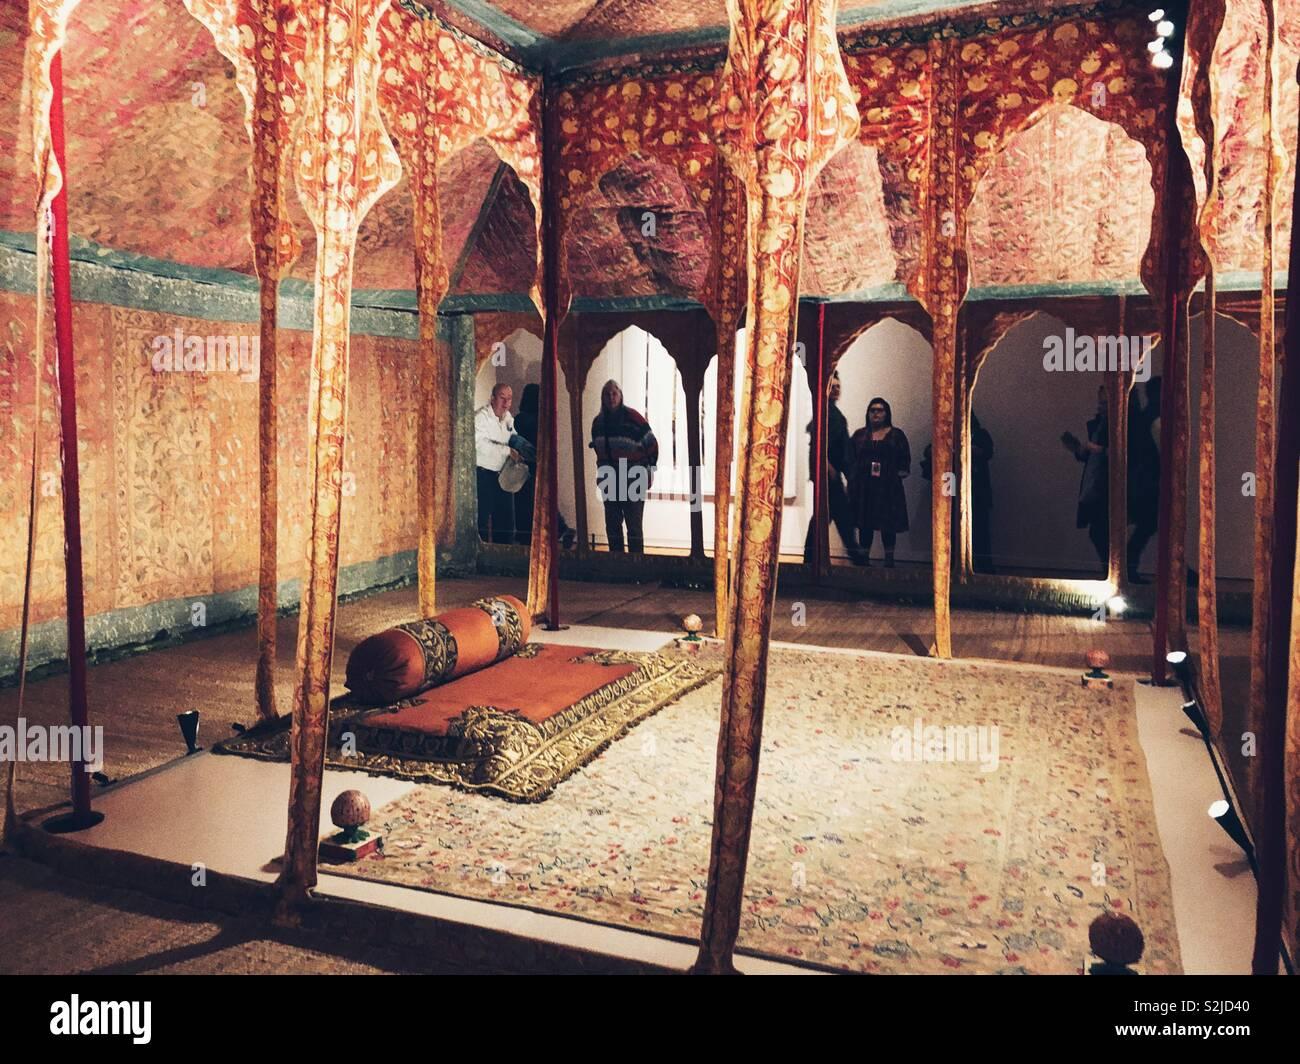 Seltene und aufwendige aus dem 17. Jahrhundert Zelt von Königreich Marwar-Jodhpur auf Anzeige in Seattle Art Museum Stockbild